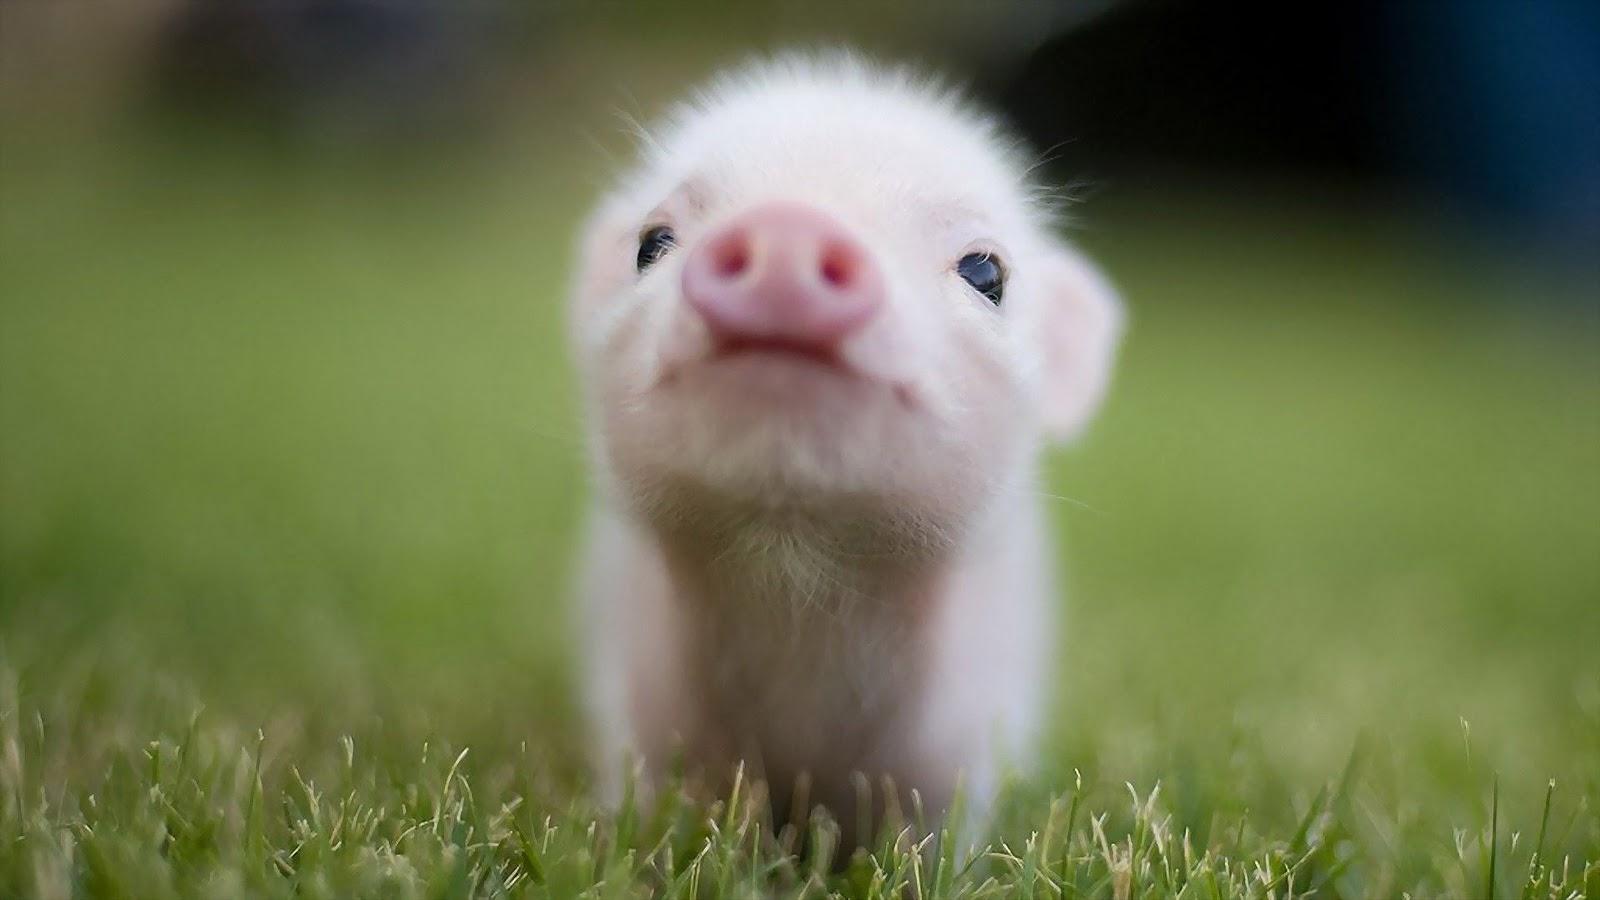 cute baby pigs 11278 hd wallpapersjpgbaby20pigs201600x900 1600x900